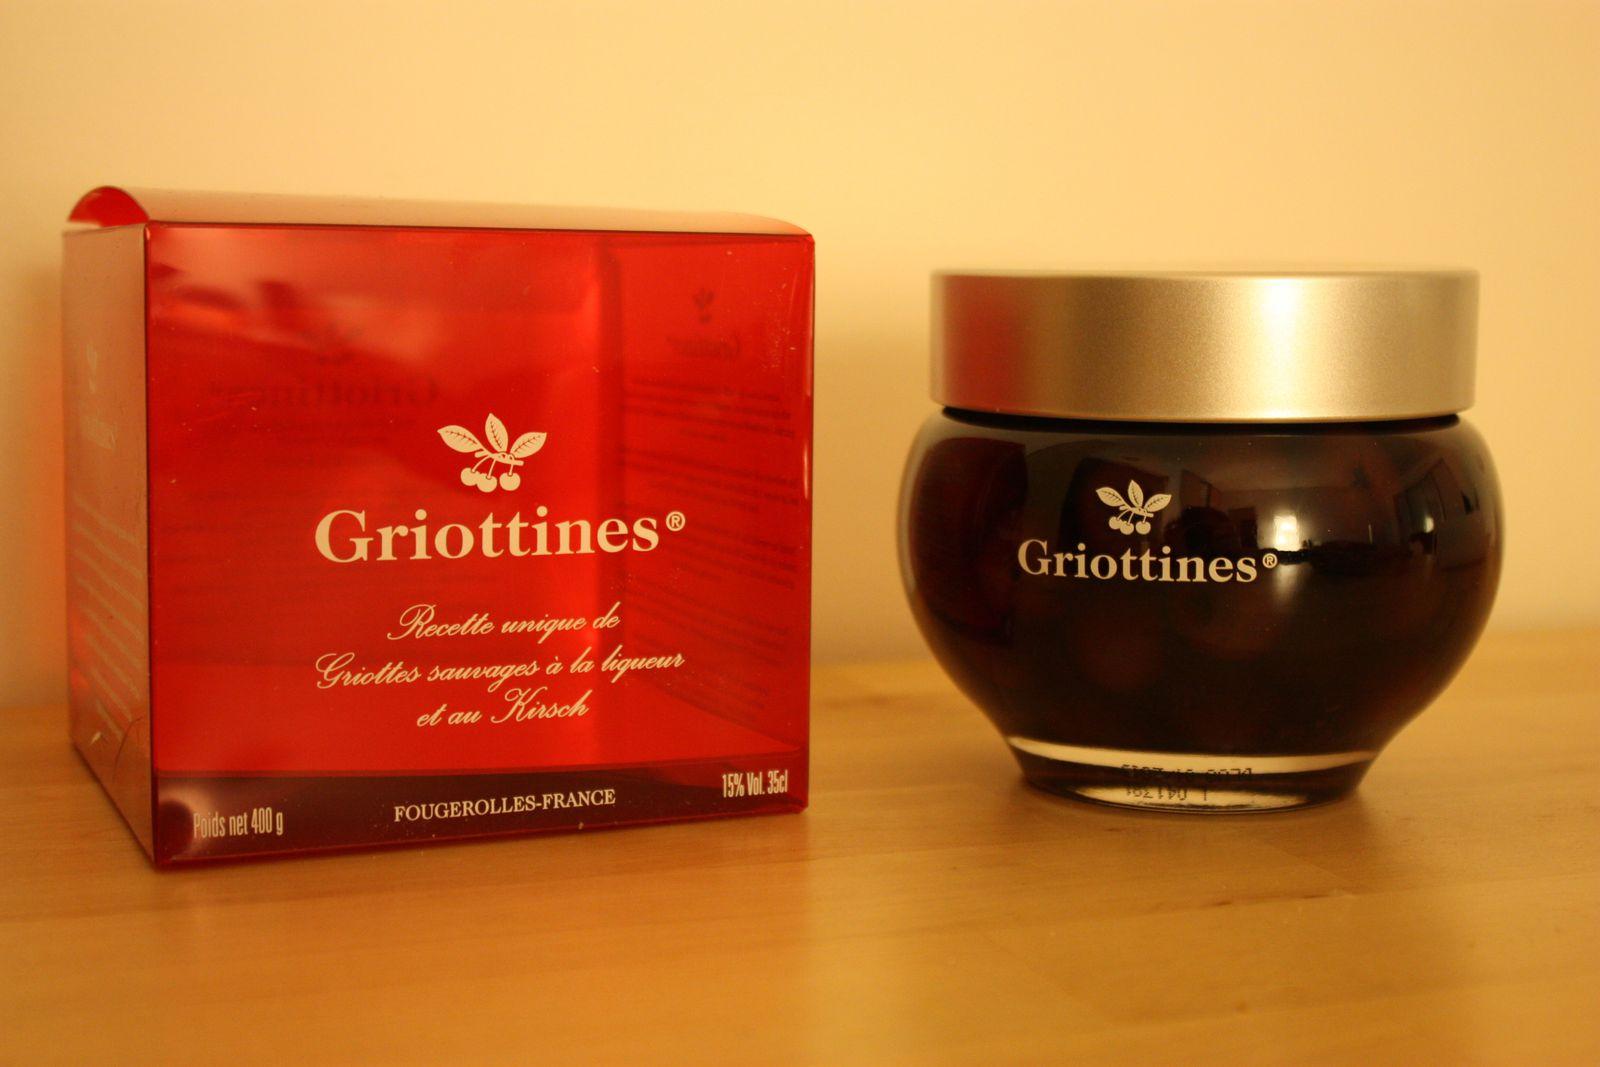 Nouveau partenaire... Griottines®